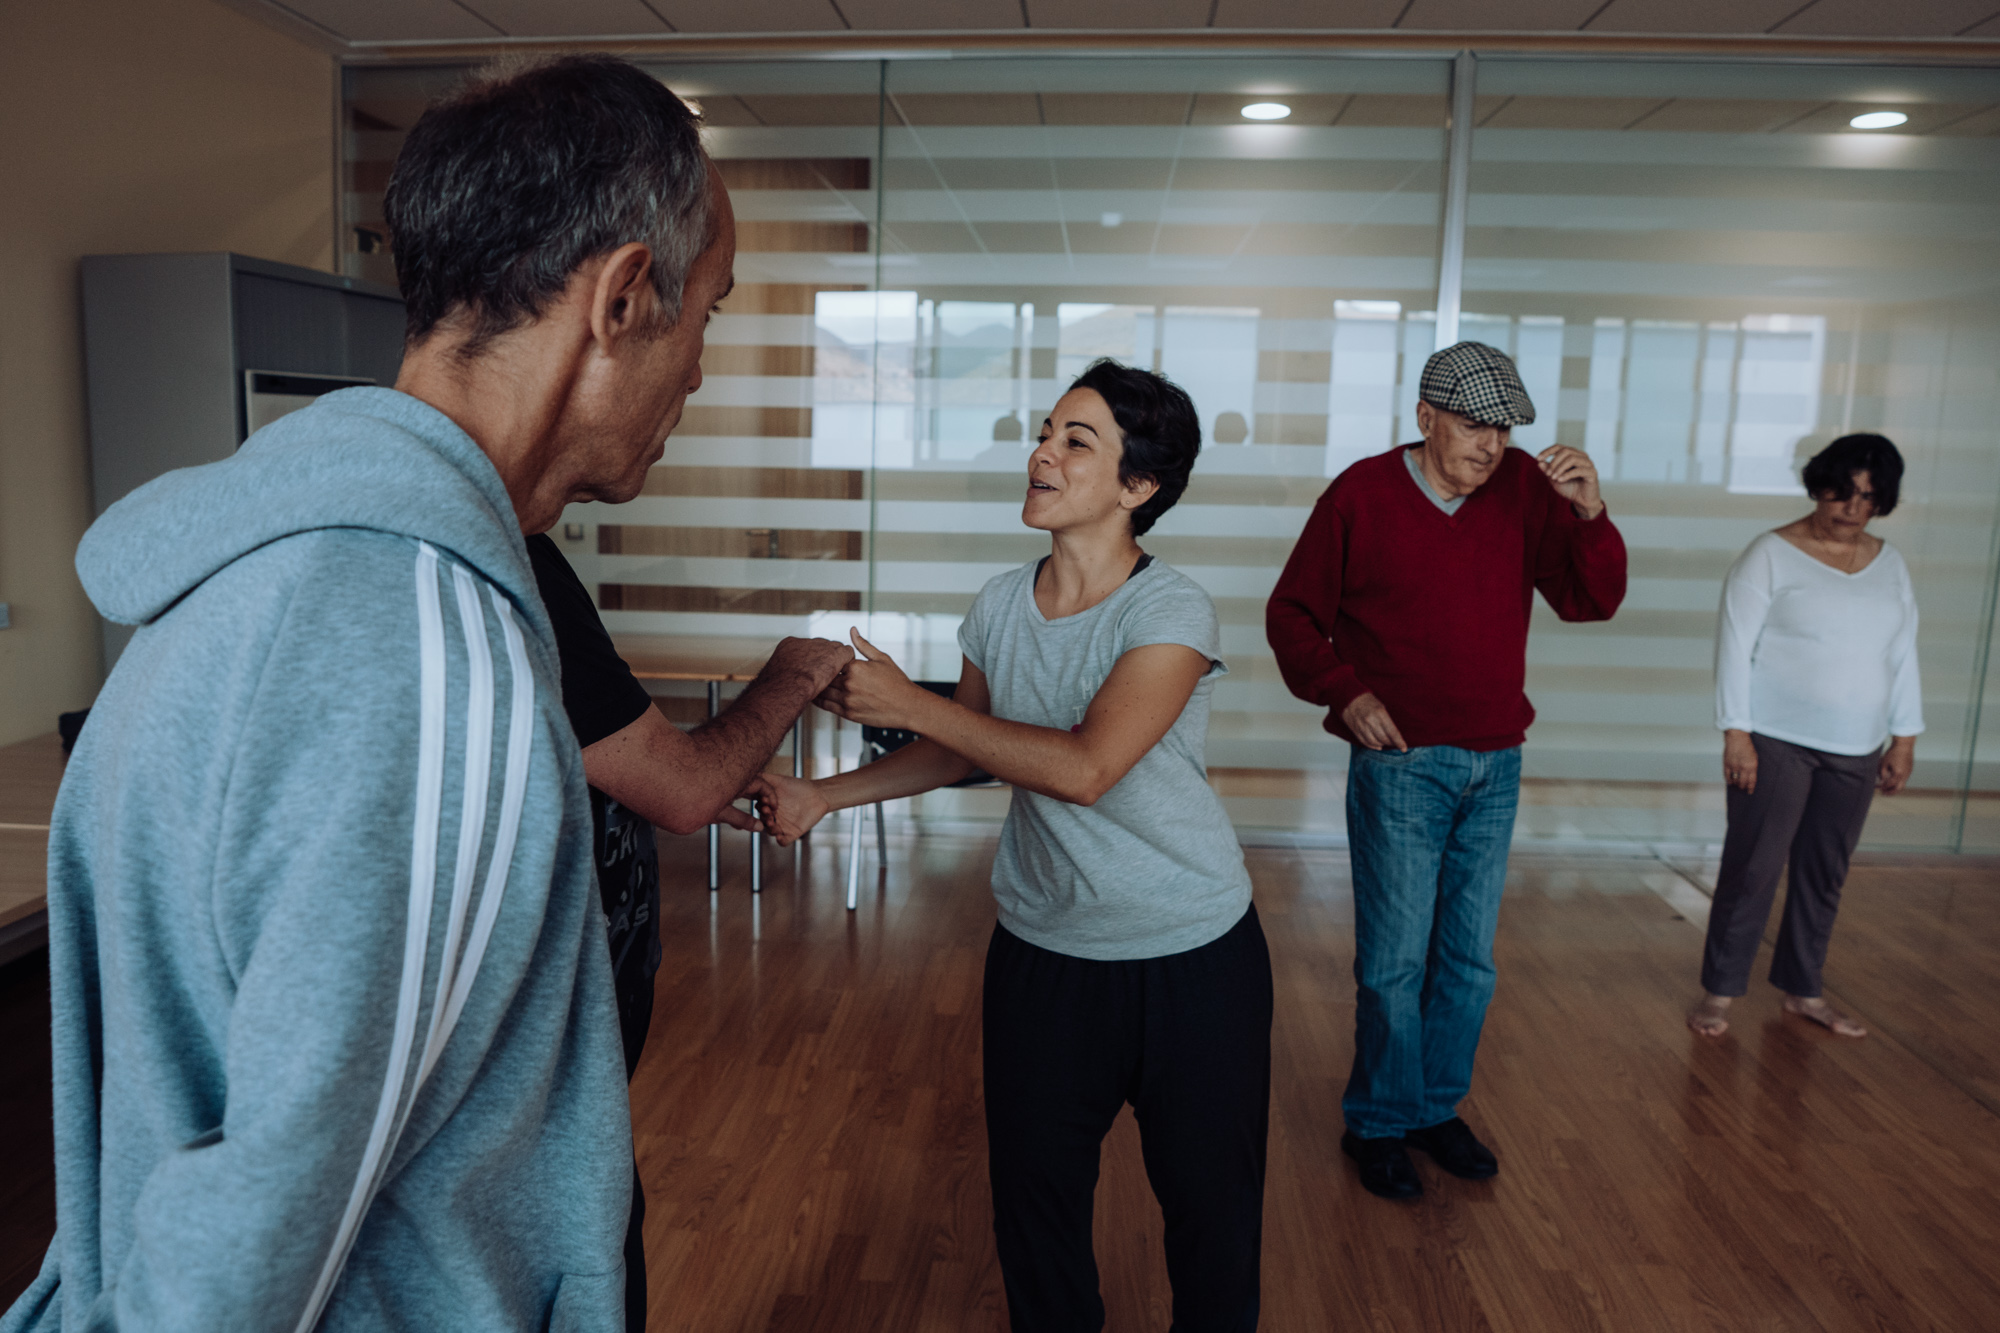 espacio_danzaterapia_ascatec2018-2301